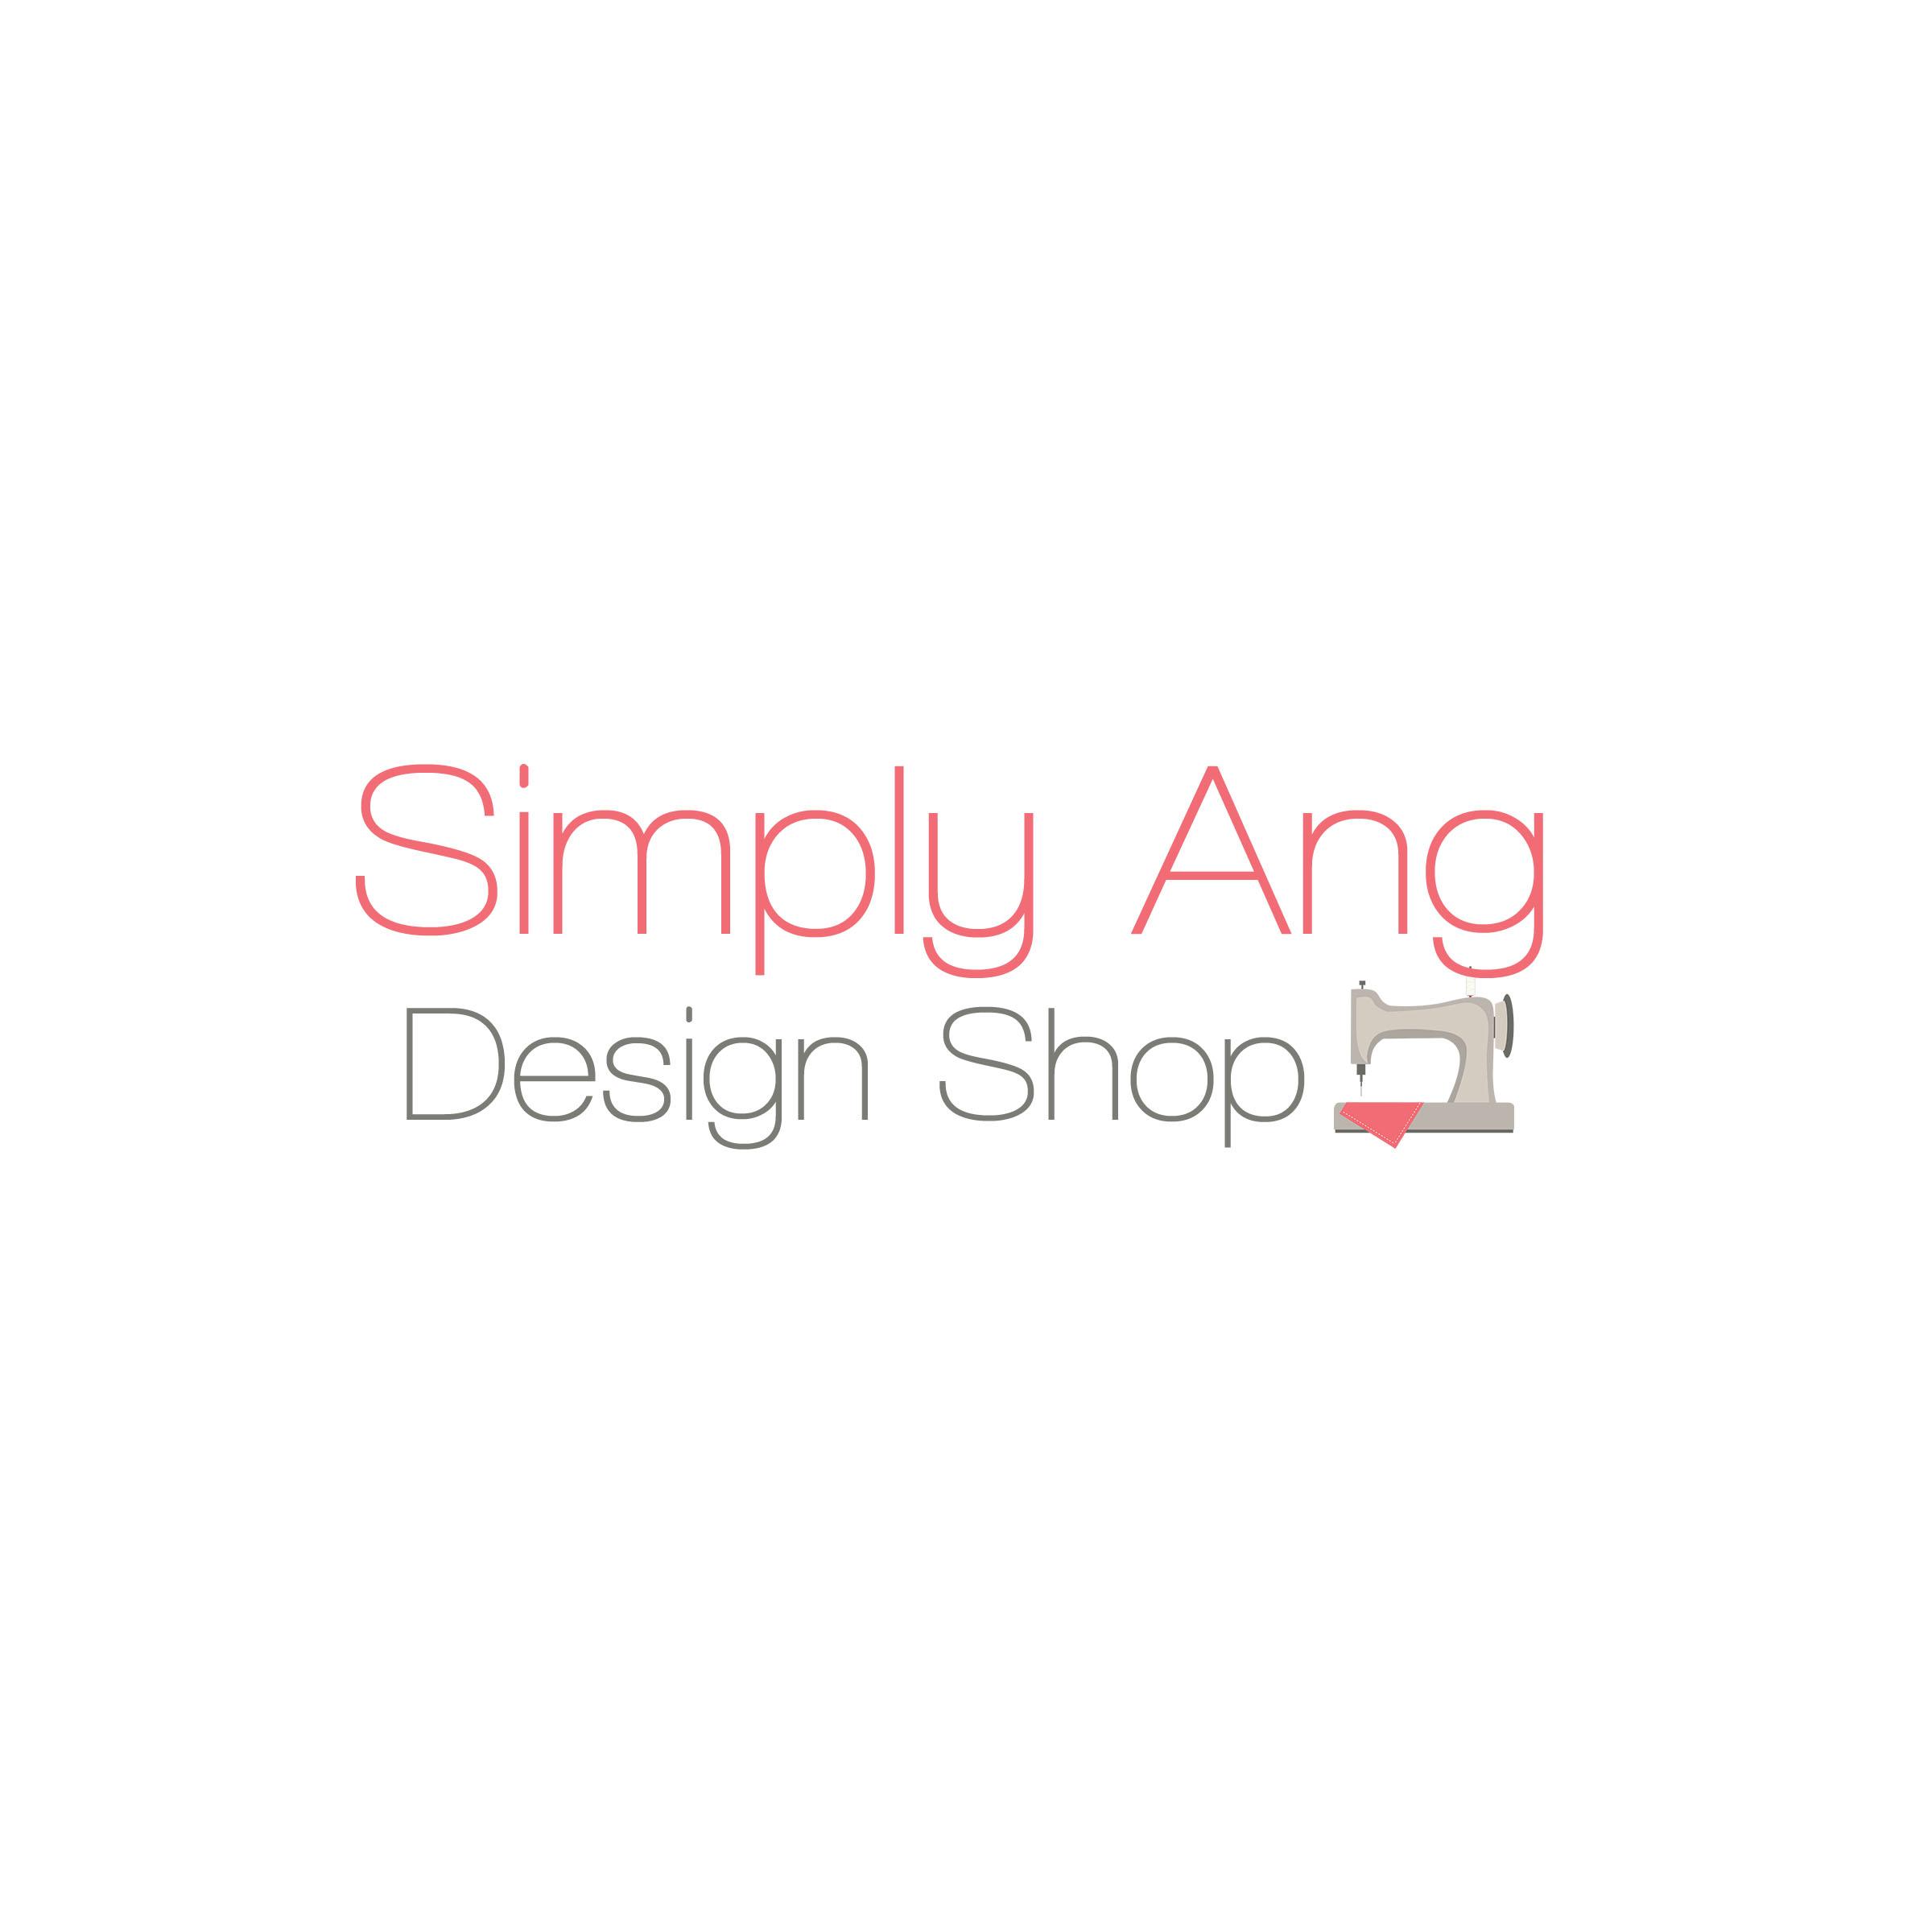 boutique logo11.jpg